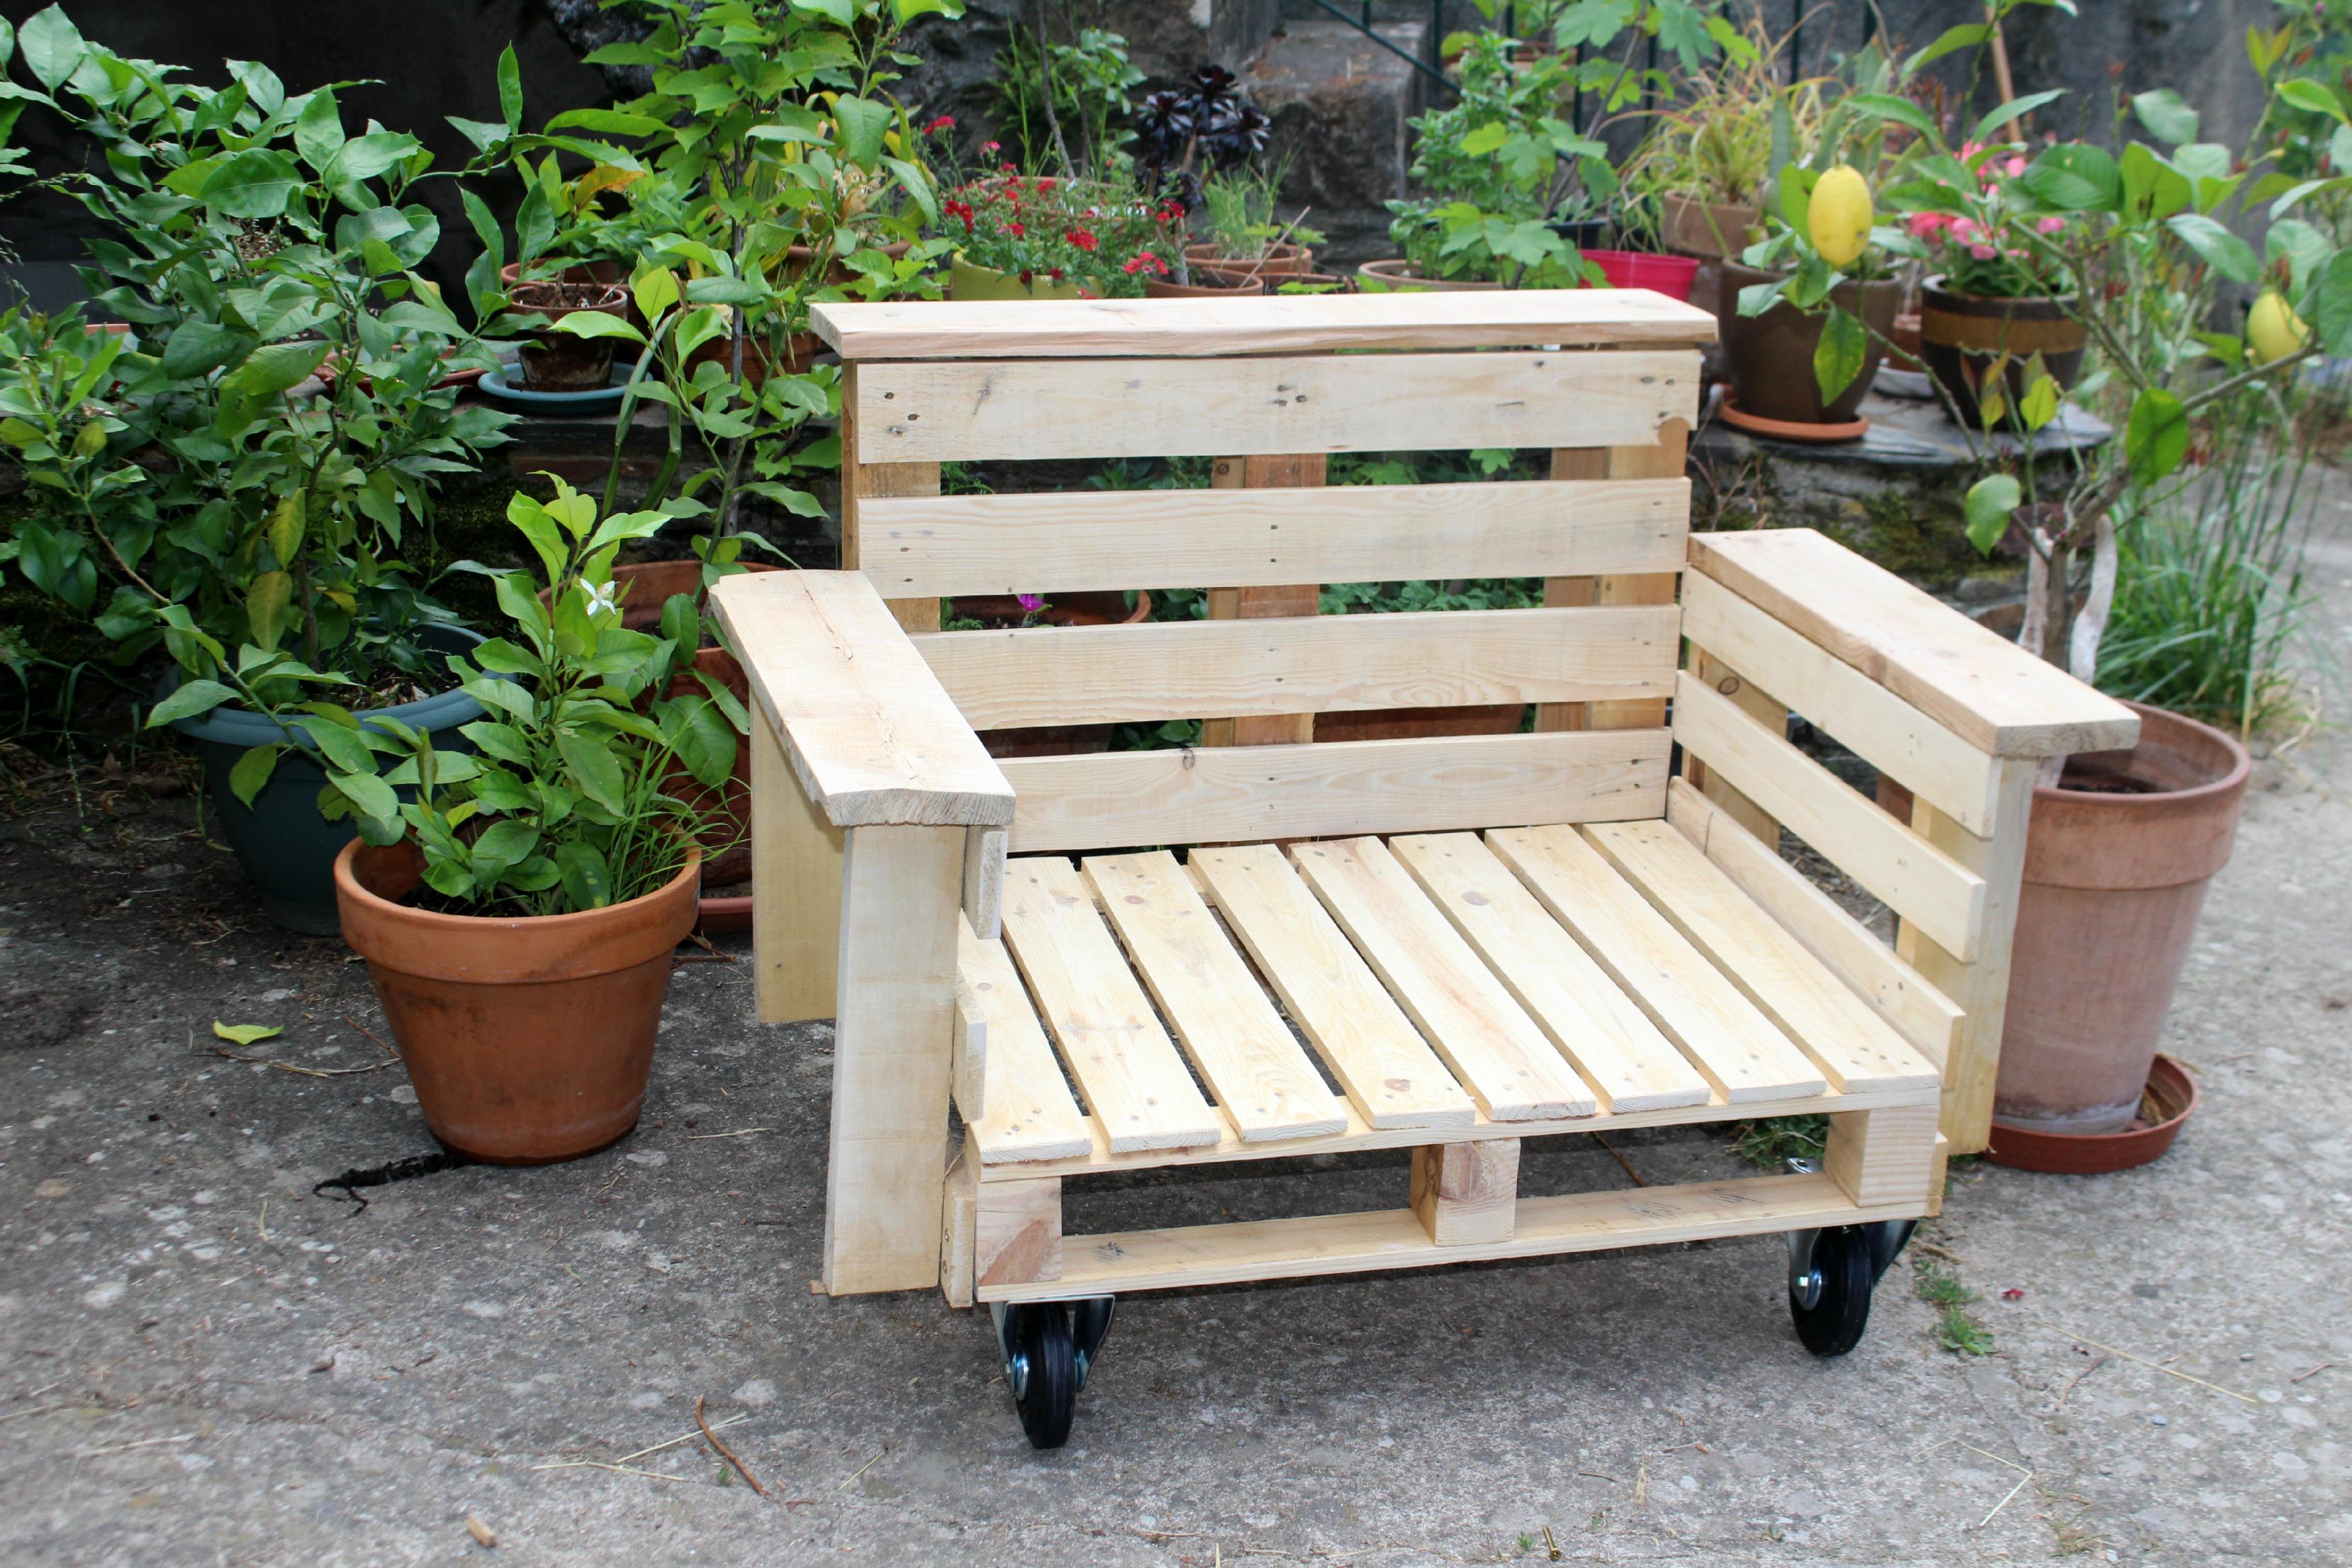 diy fauteuil outdoor et oui c est possible woodhappen. Black Bedroom Furniture Sets. Home Design Ideas